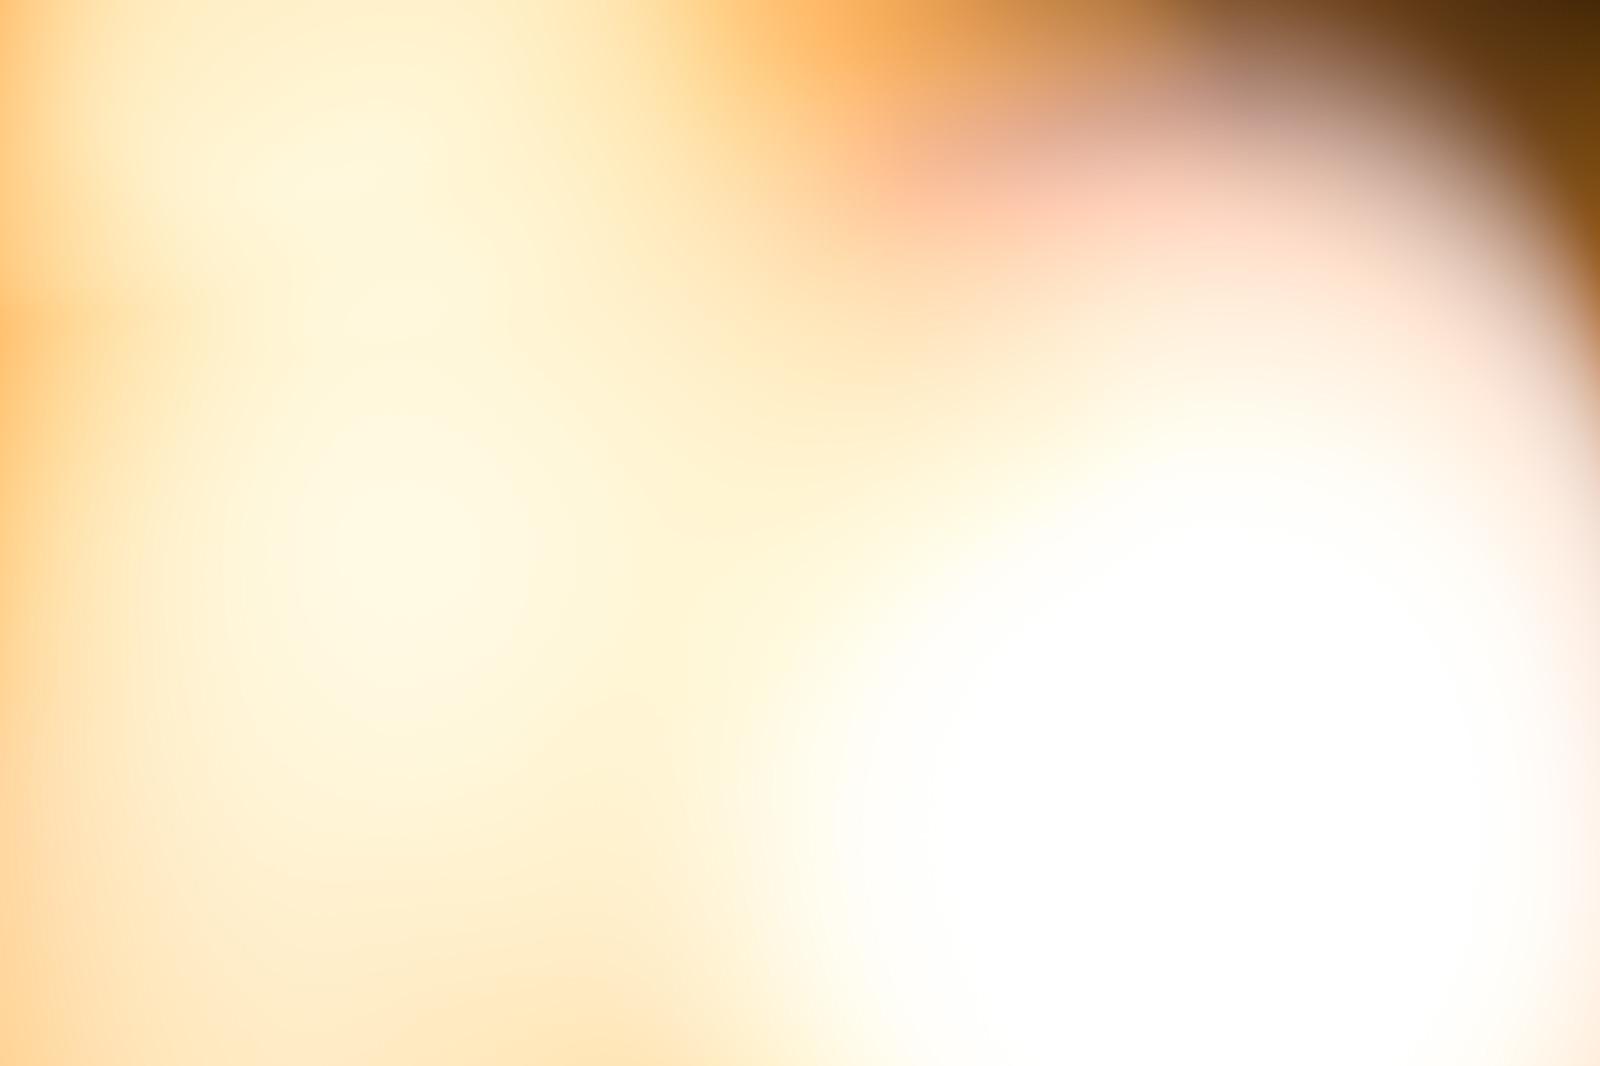 「温かみのある黄色いぼかし温かみのある黄色いぼかし」のフリー写真素材を拡大